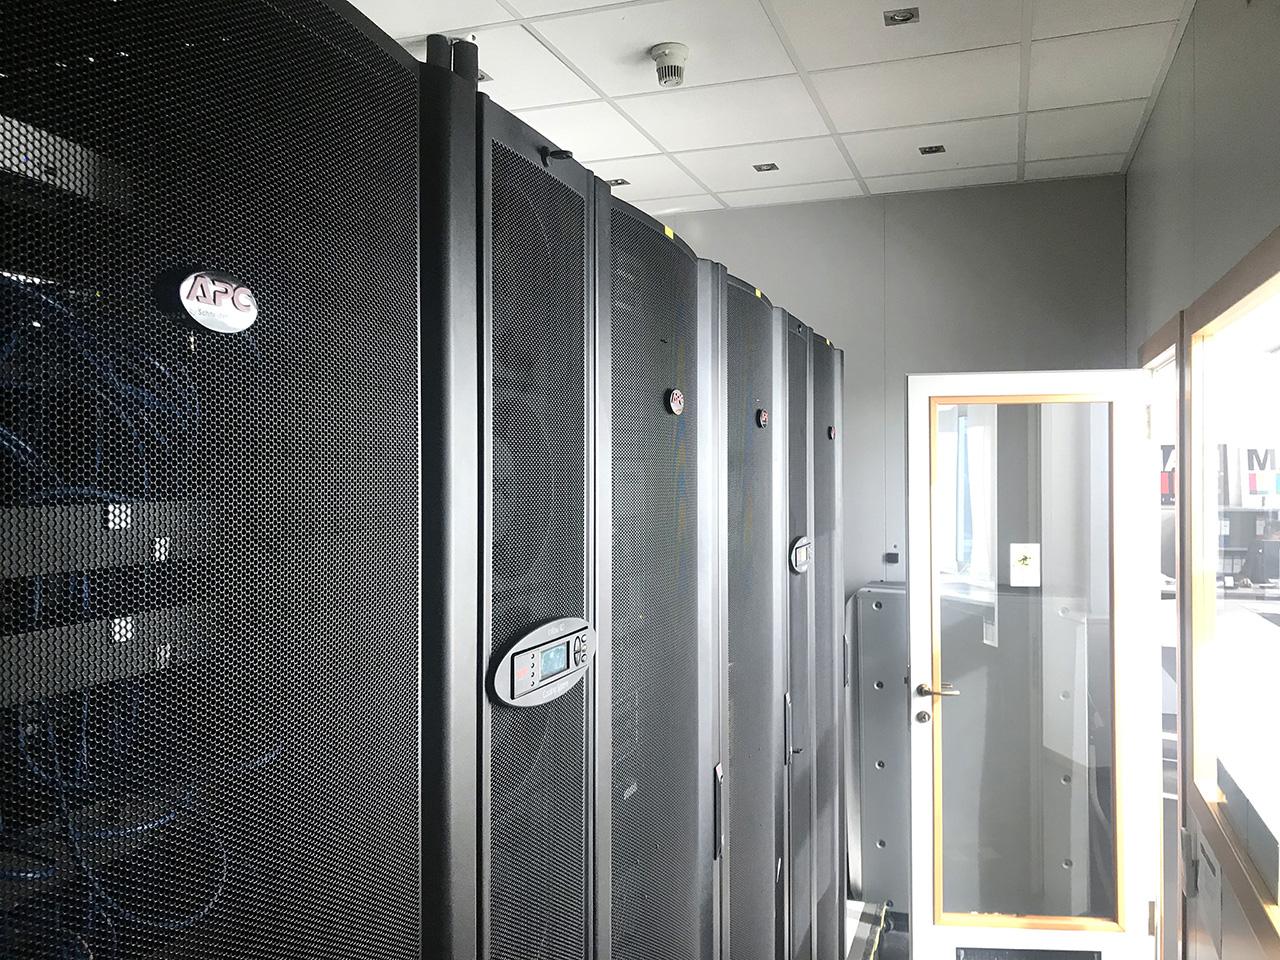 ufficio 677 mq - Atlantic Business Center - quarto piano - server room